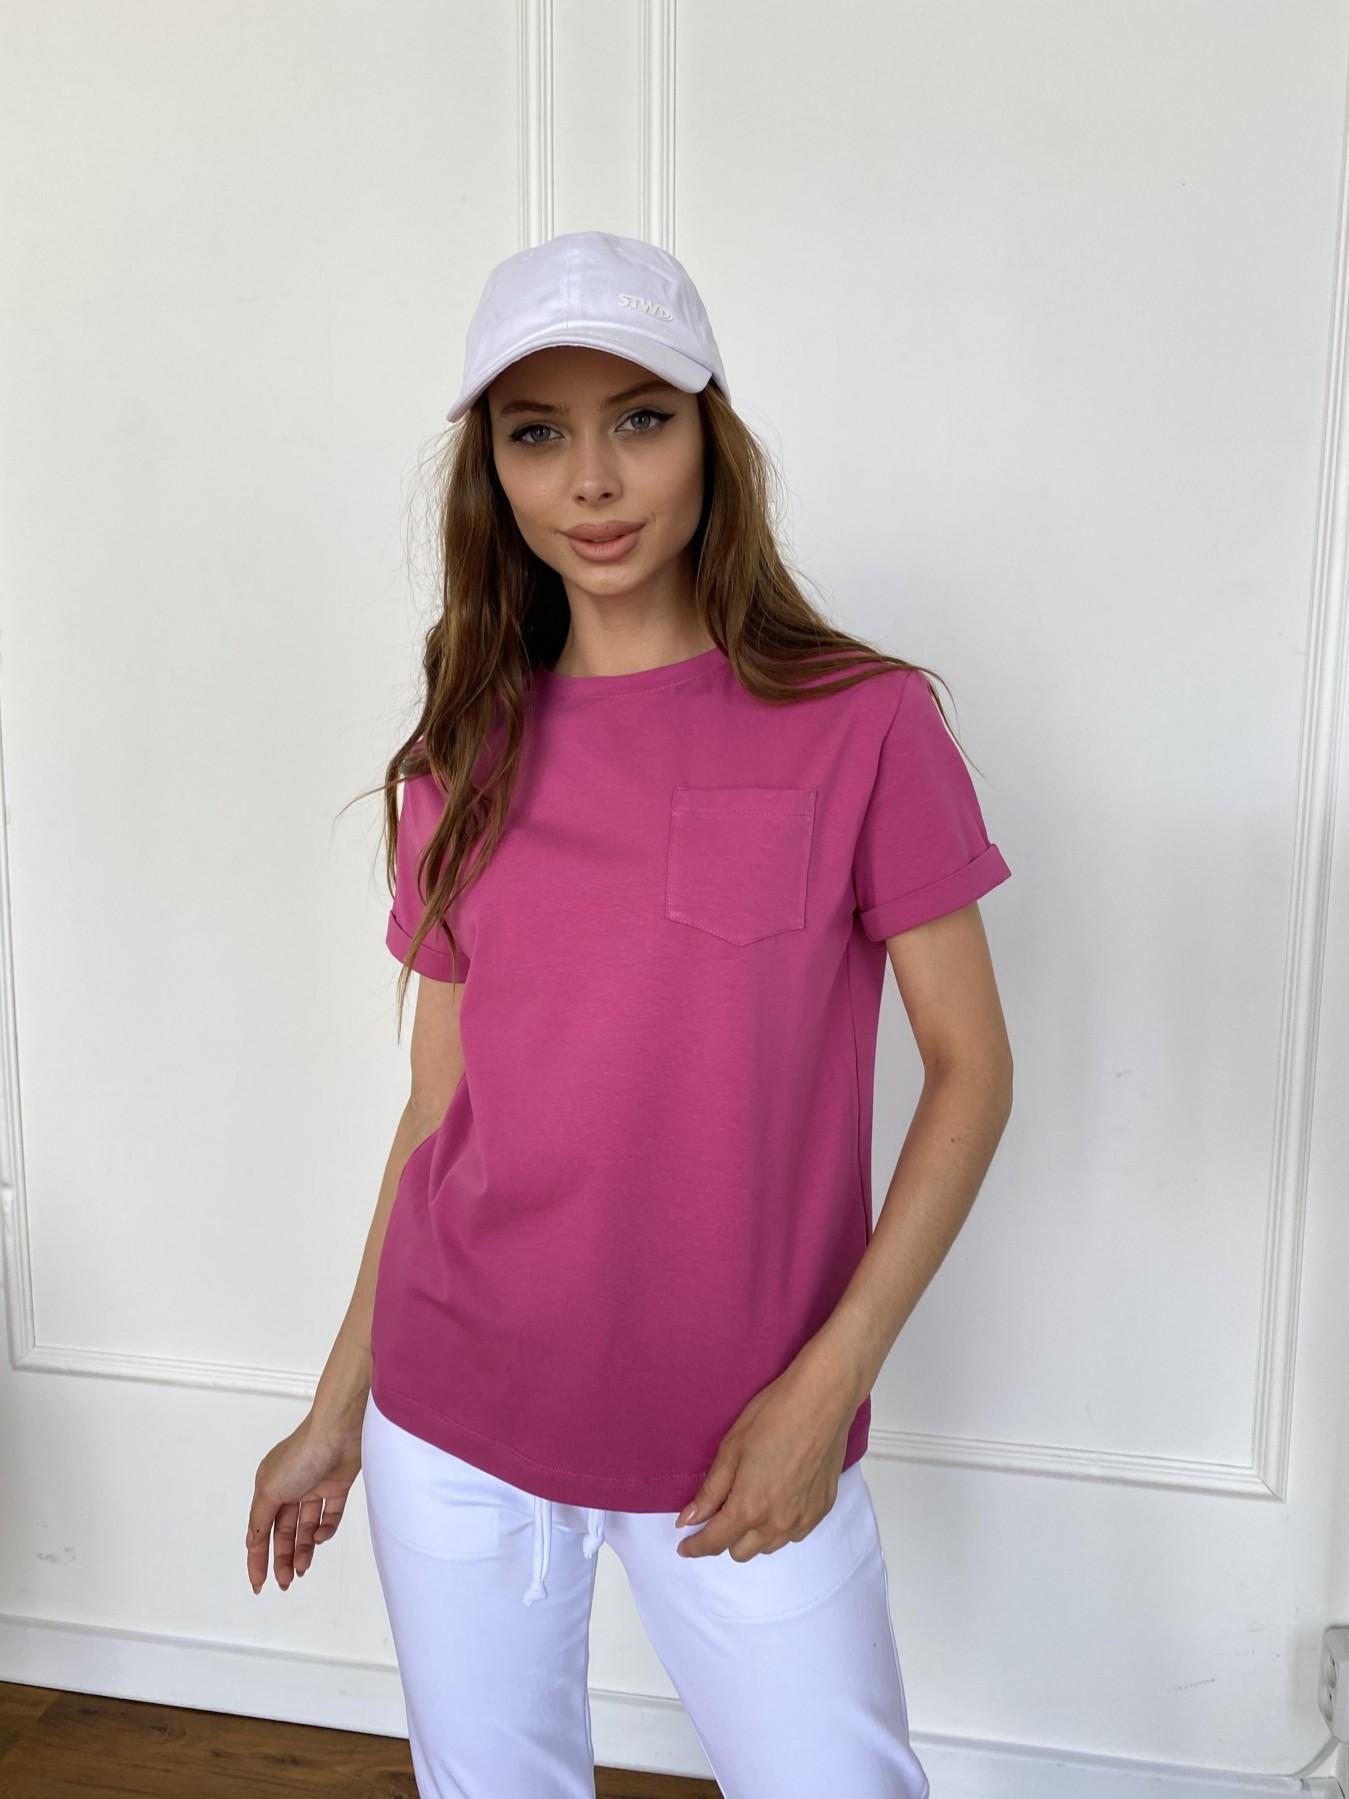 Вуди футболка из вискозы 11224 АРТ. 47874 Цвет: Малиновый - фото 5, интернет магазин tm-modus.ru